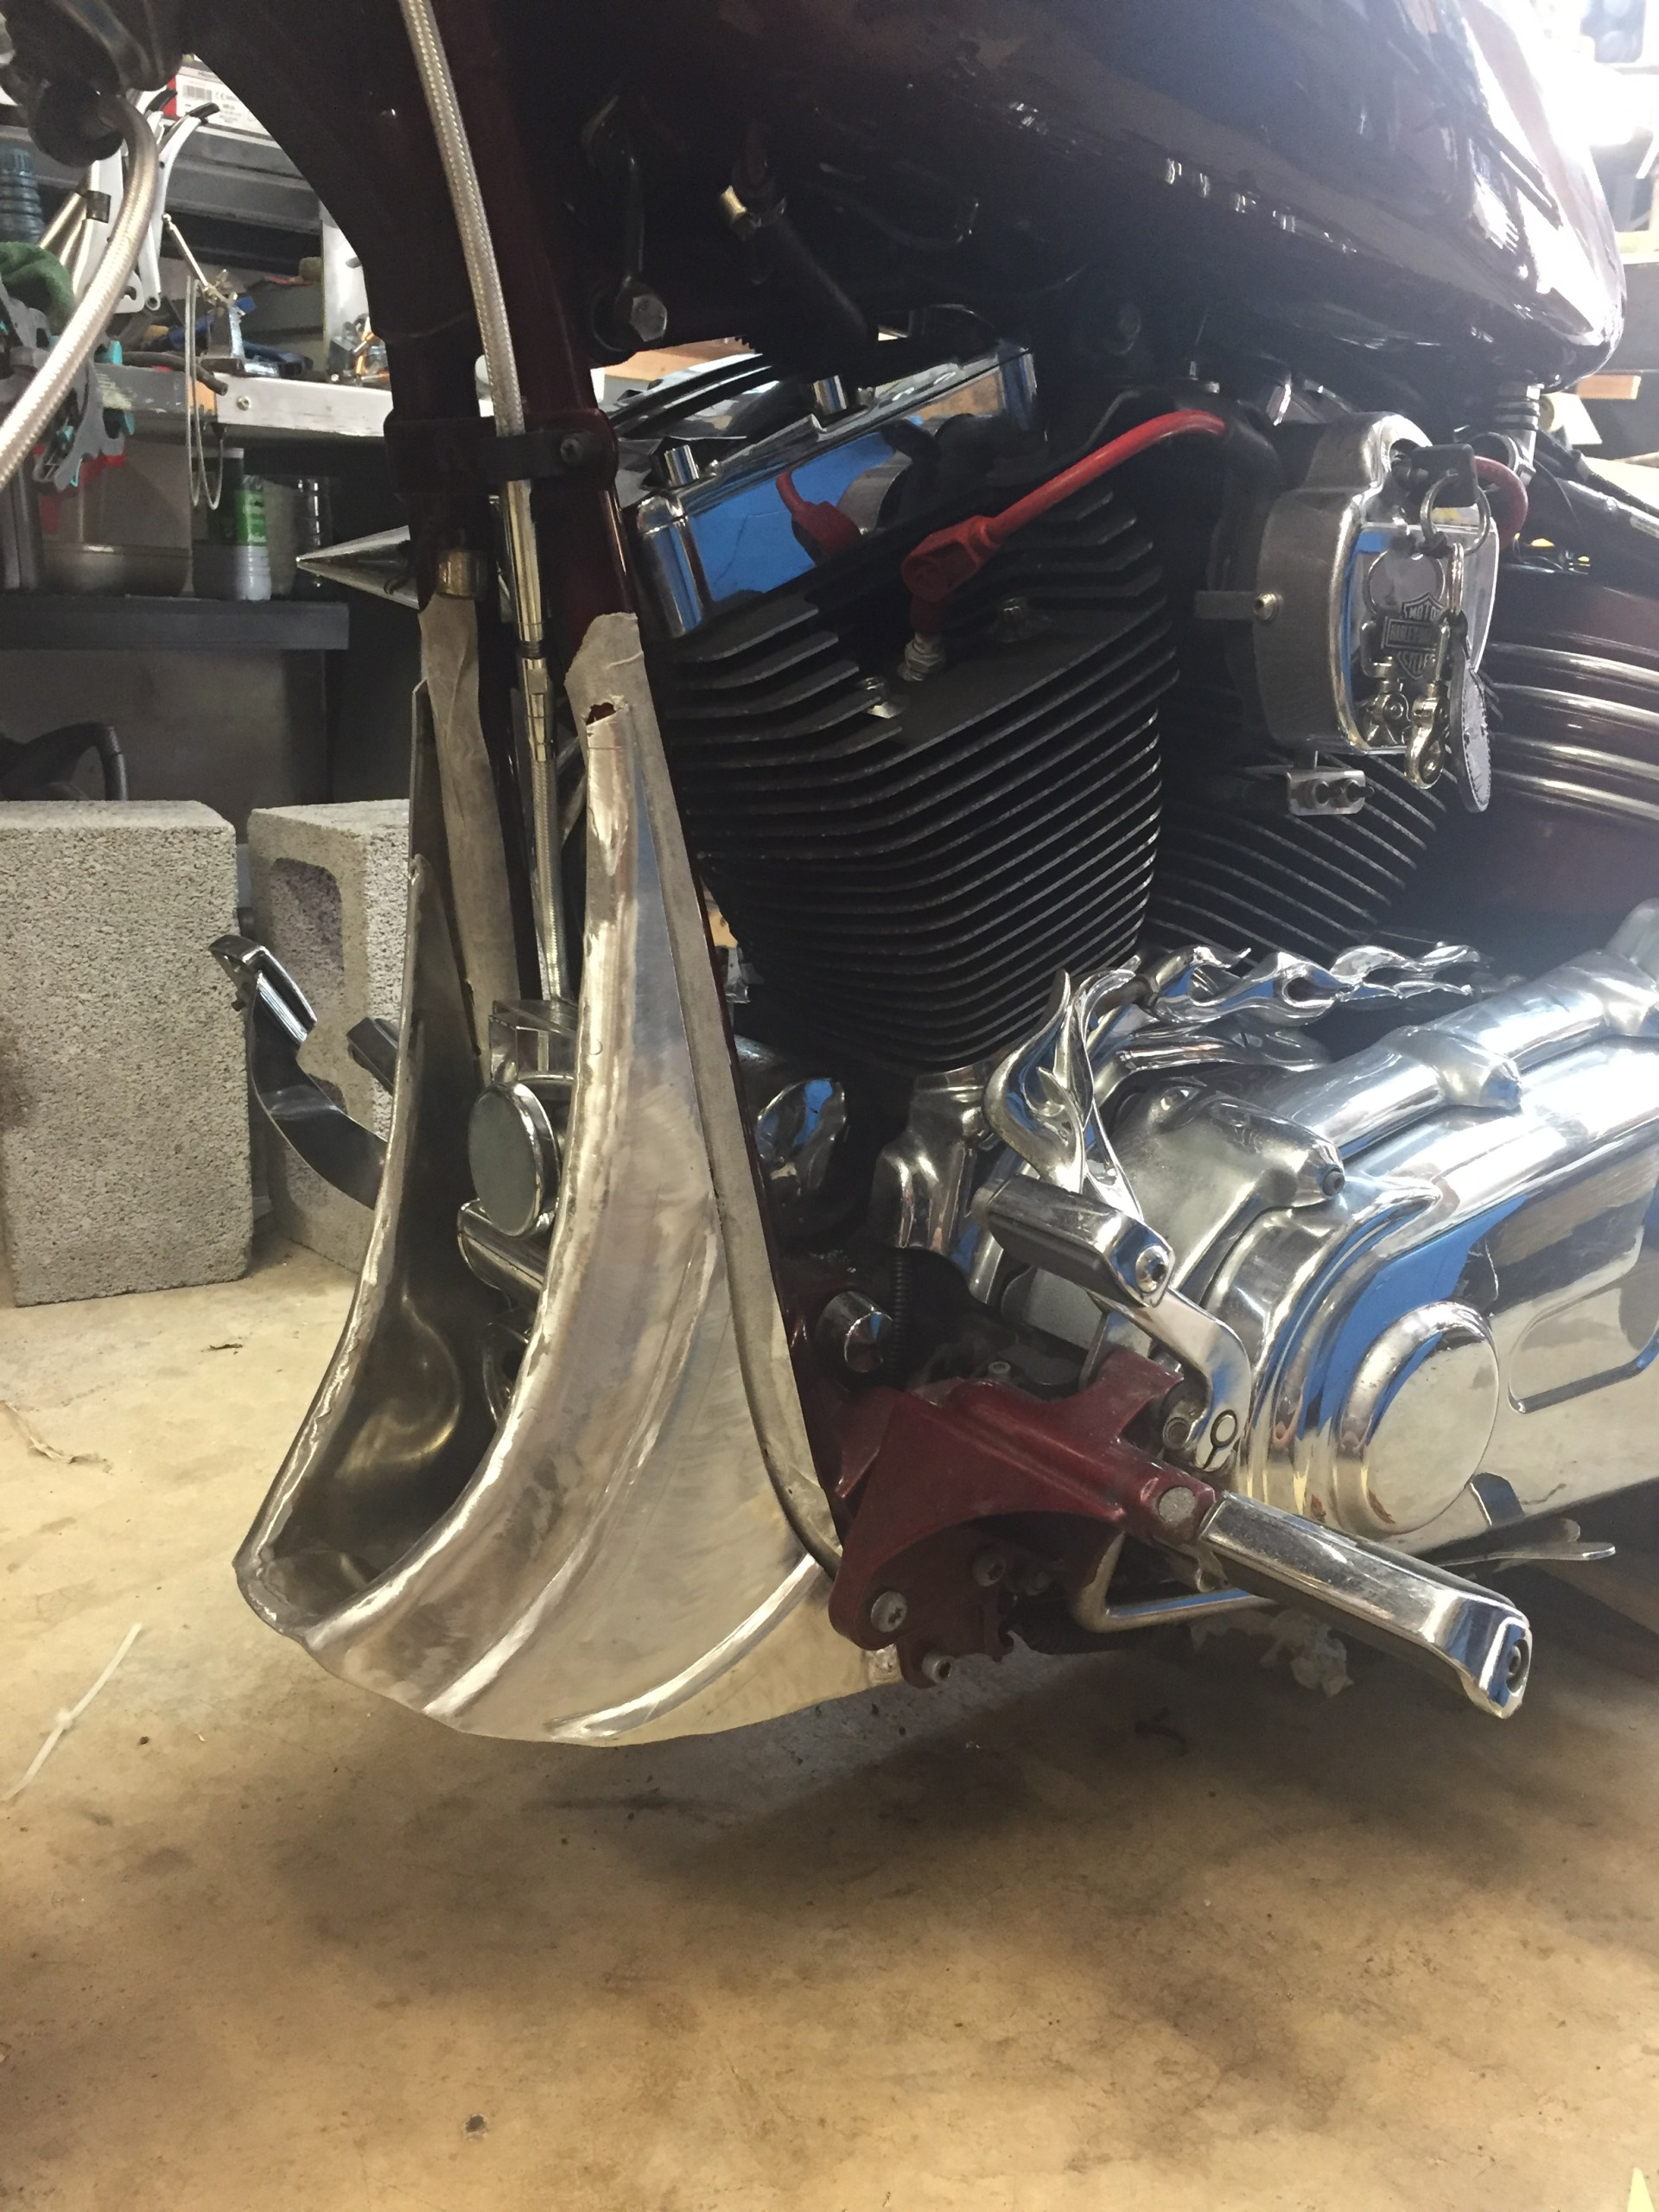 Sabot inférieur Harley Davidson Rocket fabriqué à la réunion par Run Iron Works